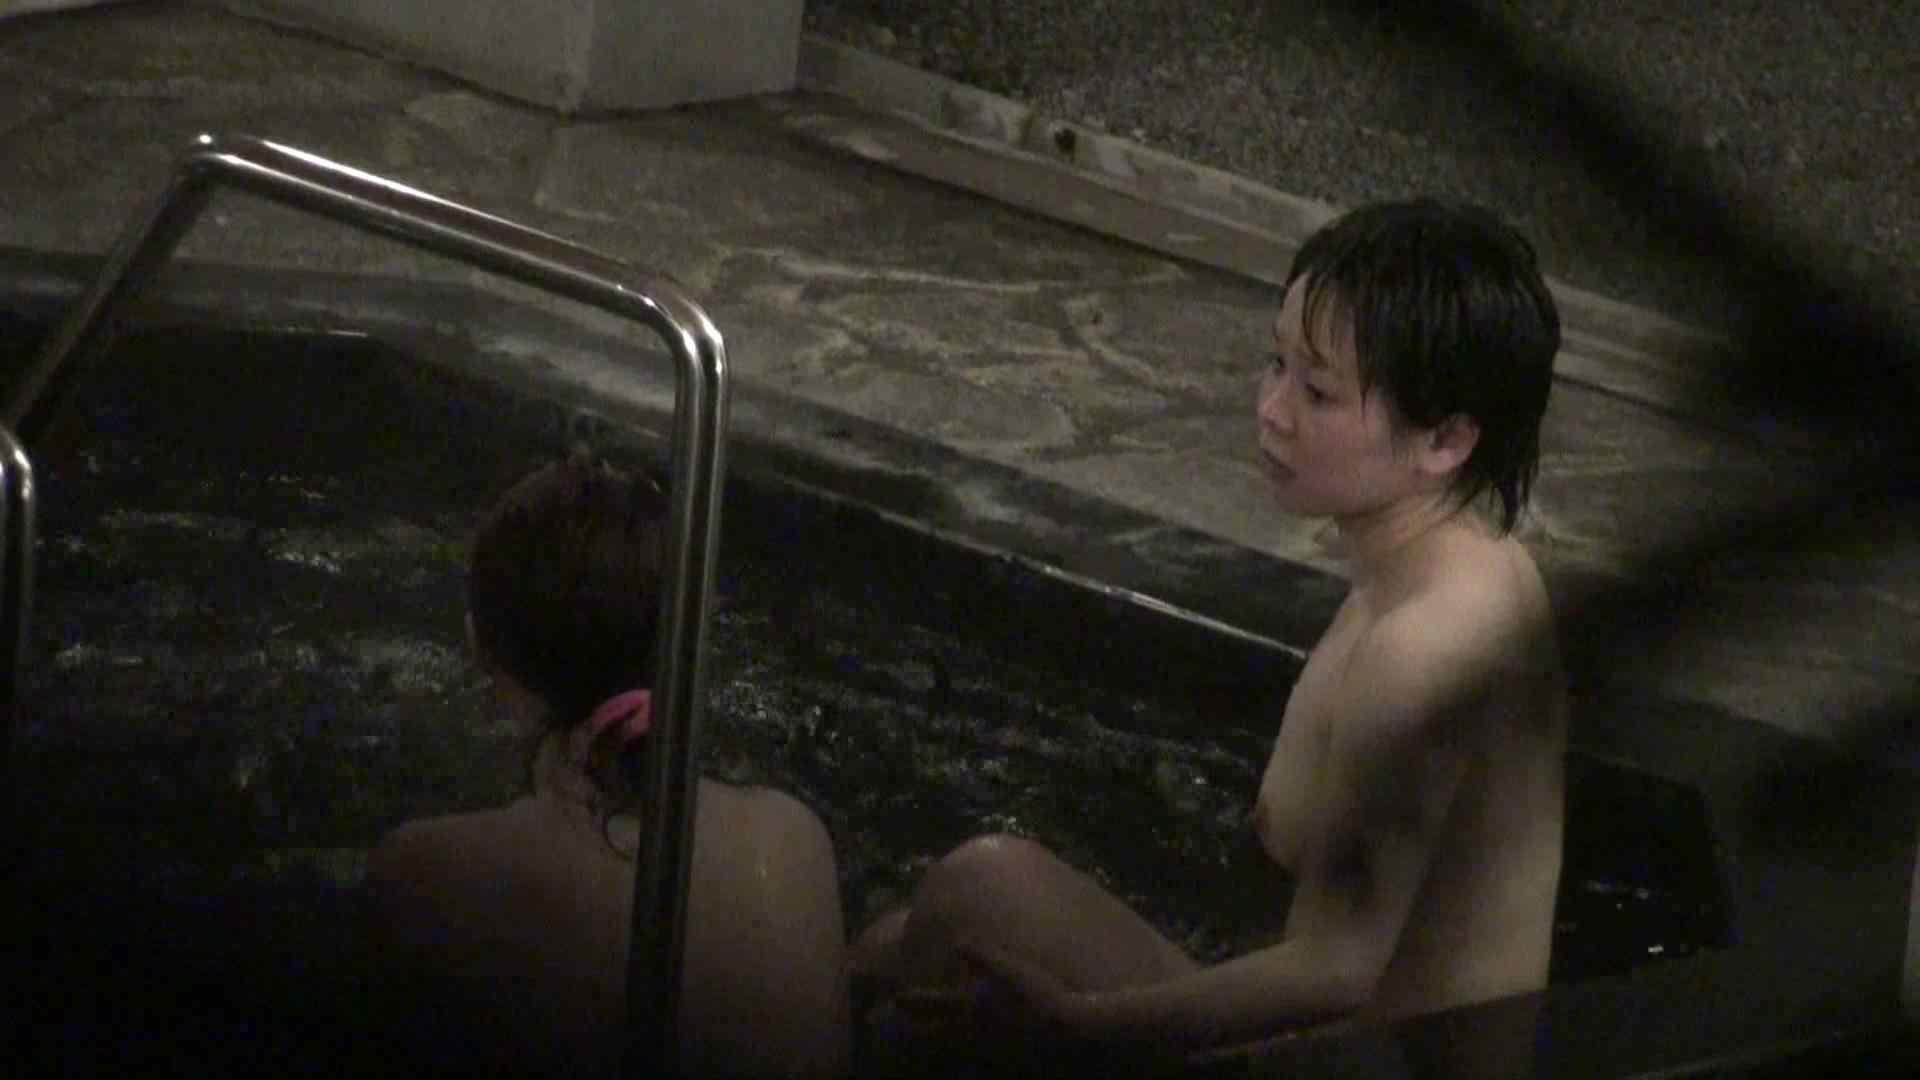 Aquaな露天風呂Vol.394 盗撮   OLのエロ生活  101連発 88